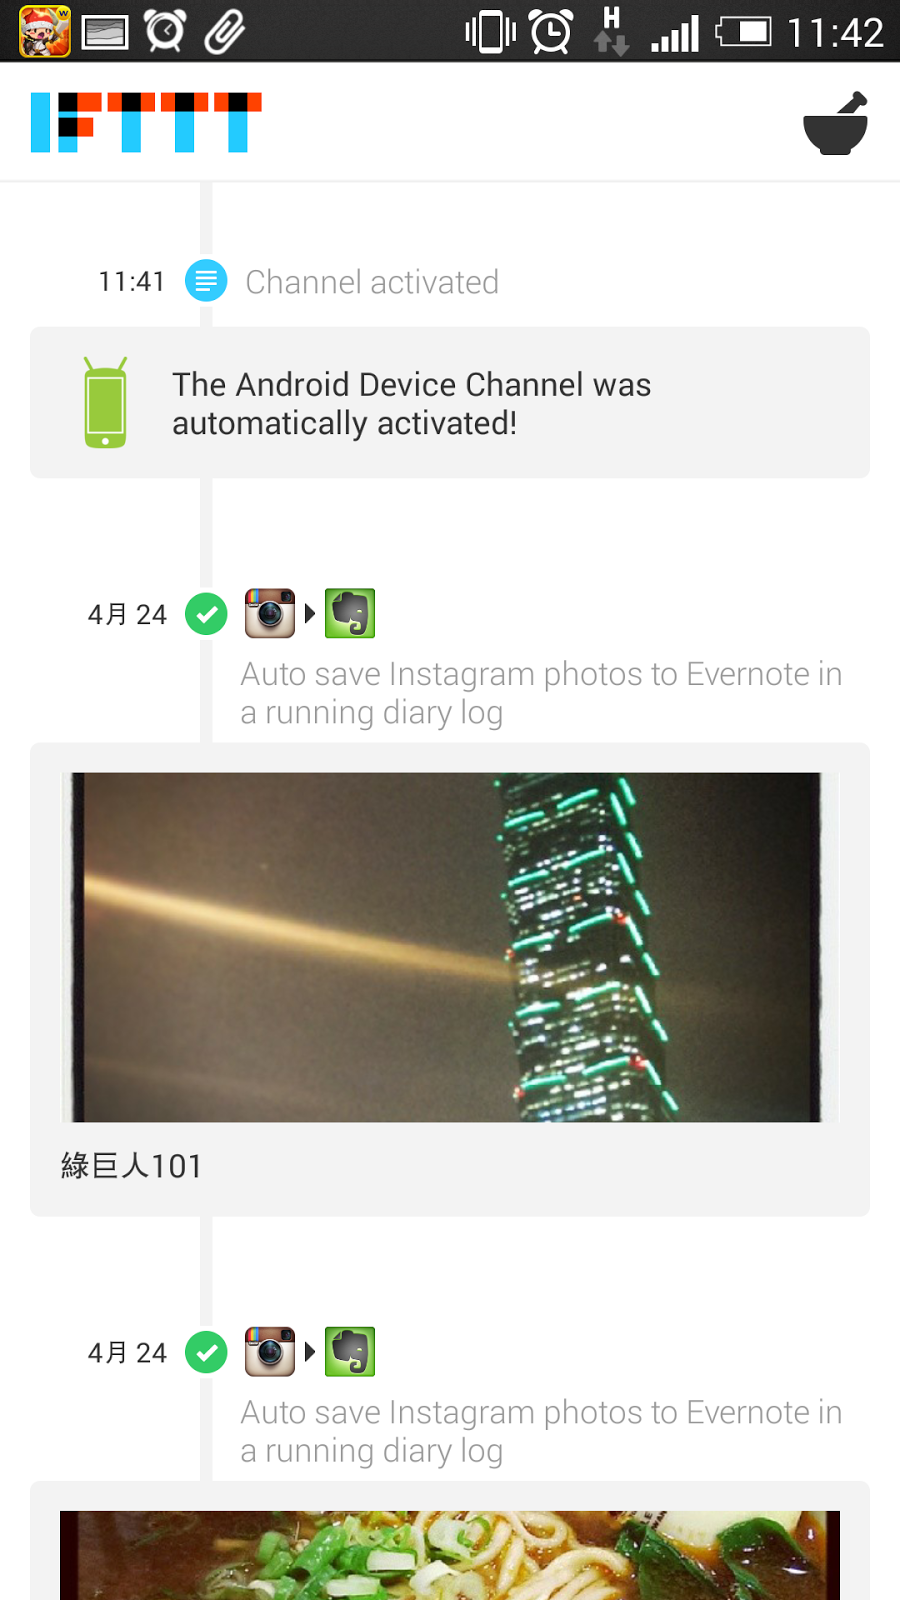 改變行動工作!電腦玩物 2014 最佳 Android App 推薦 IFTTT+Android+iOS-03